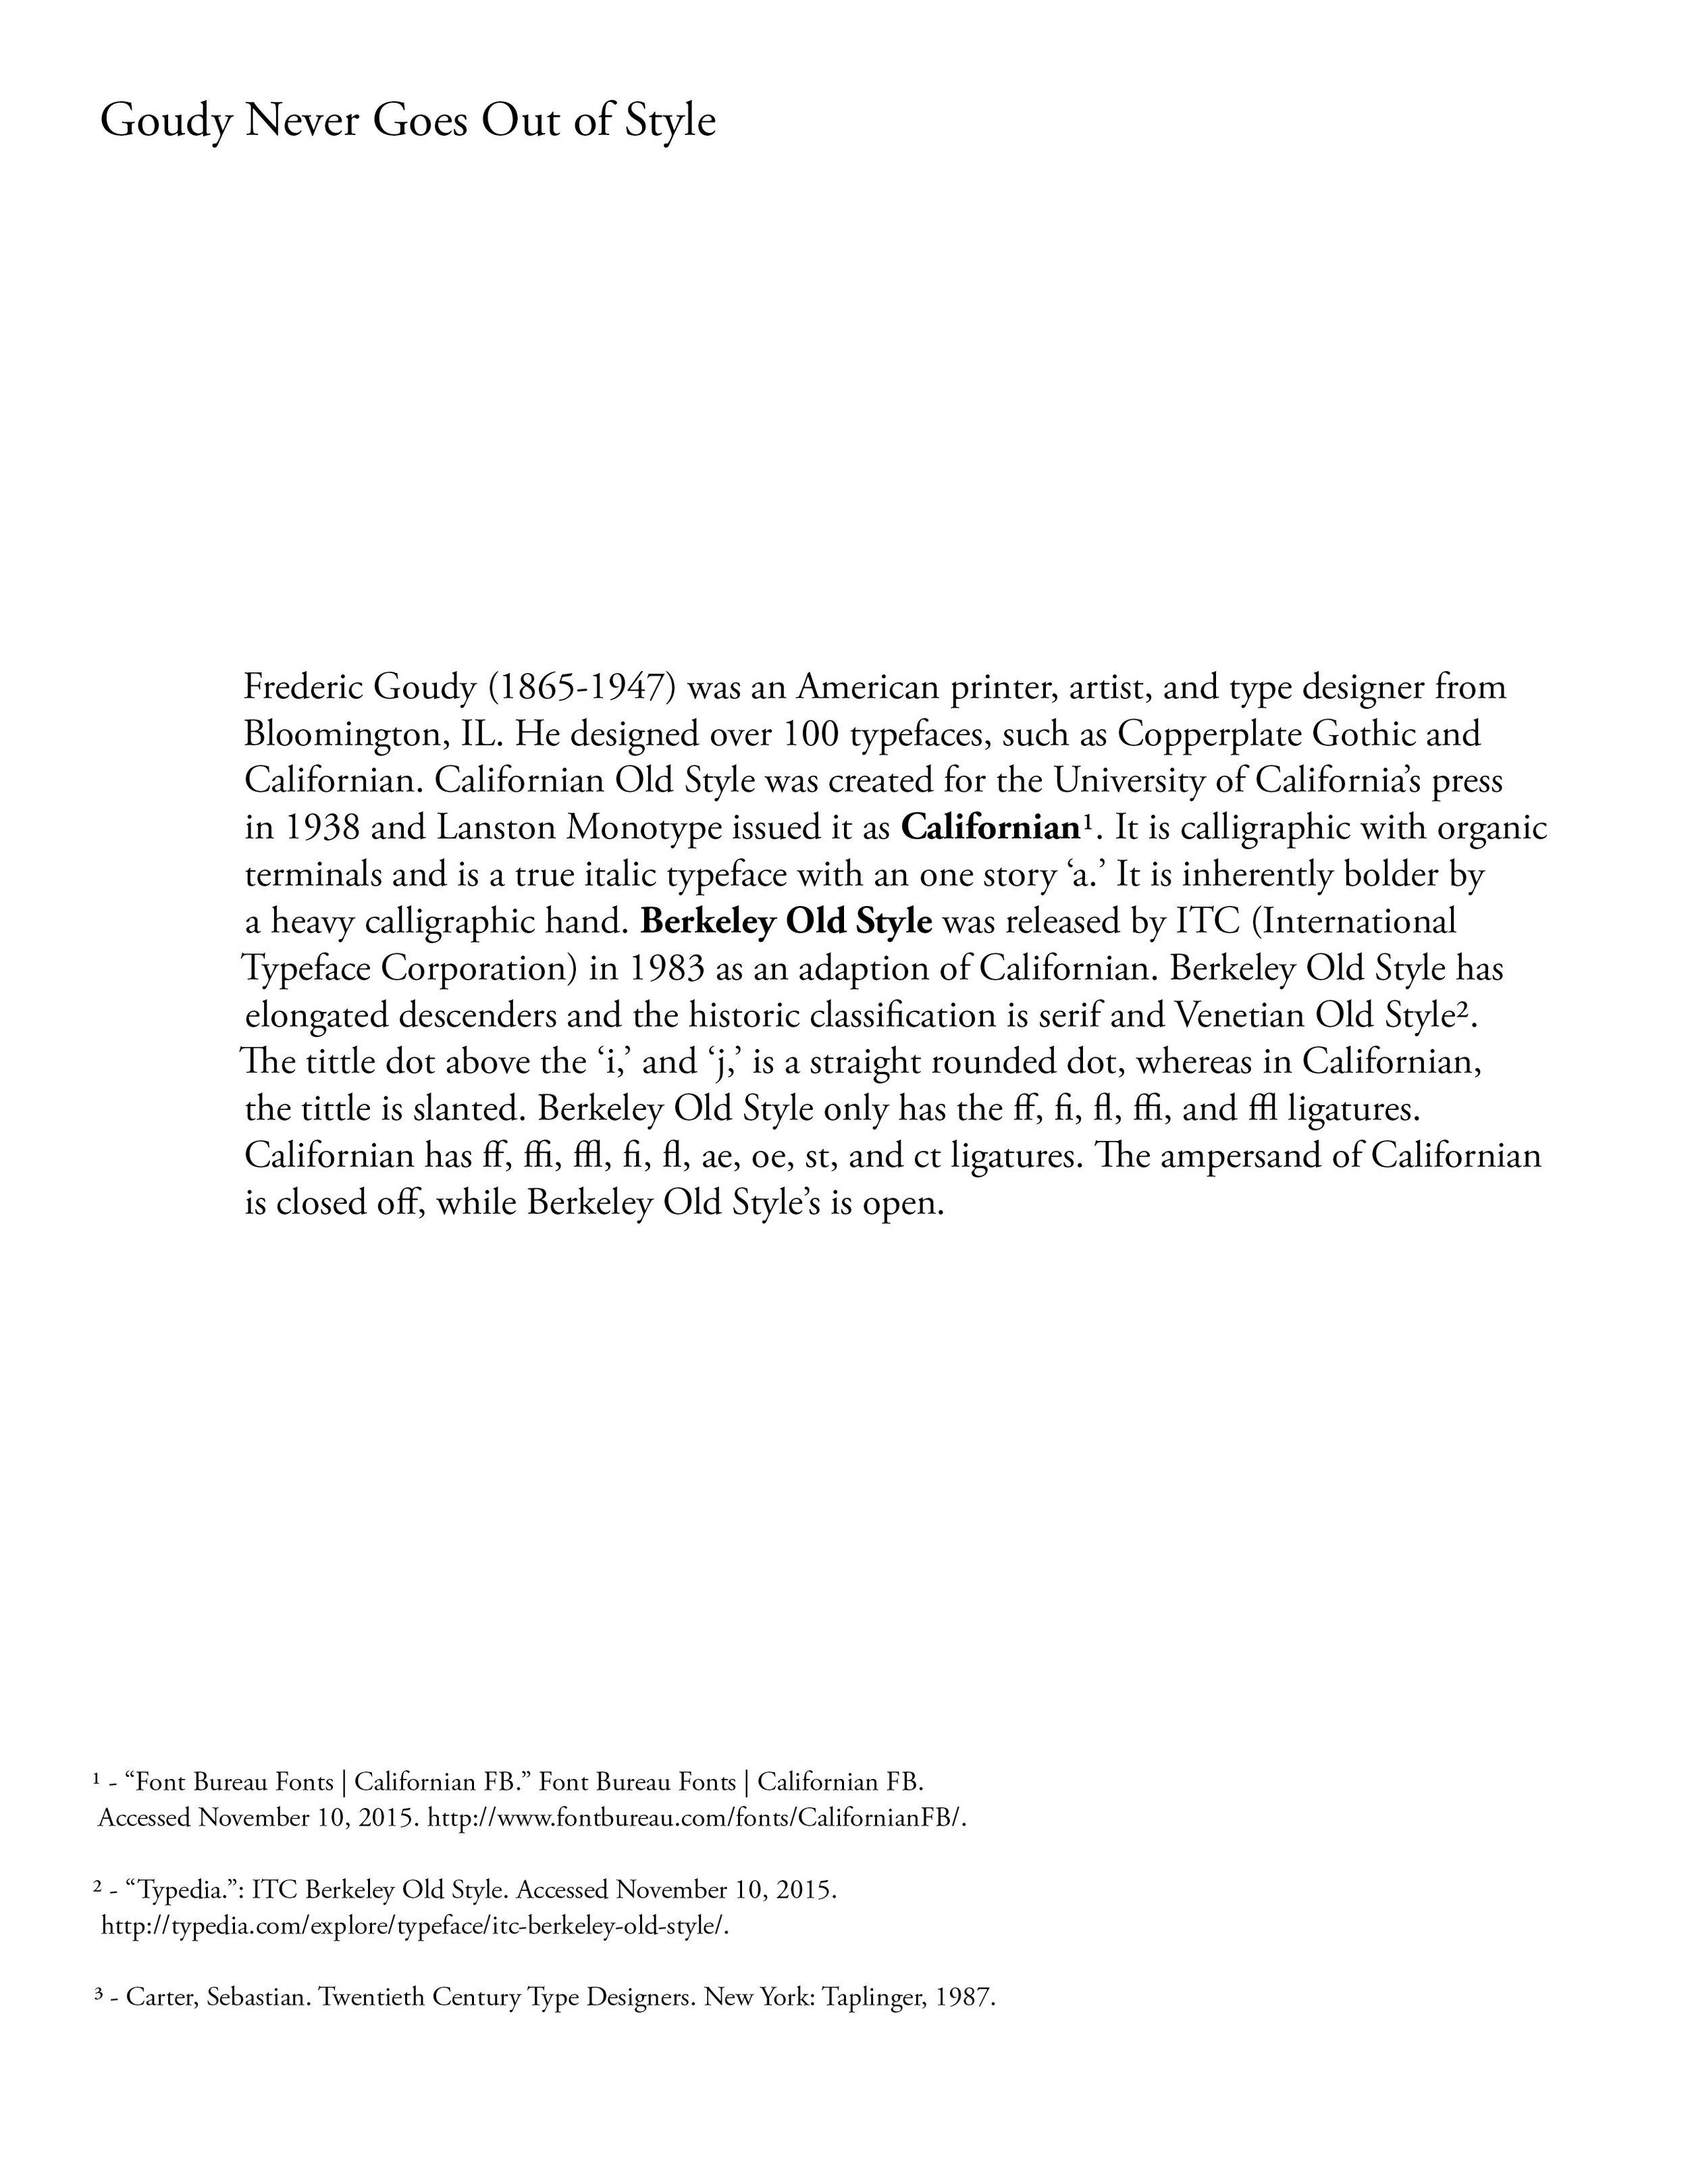 typeface comparison text.jpg